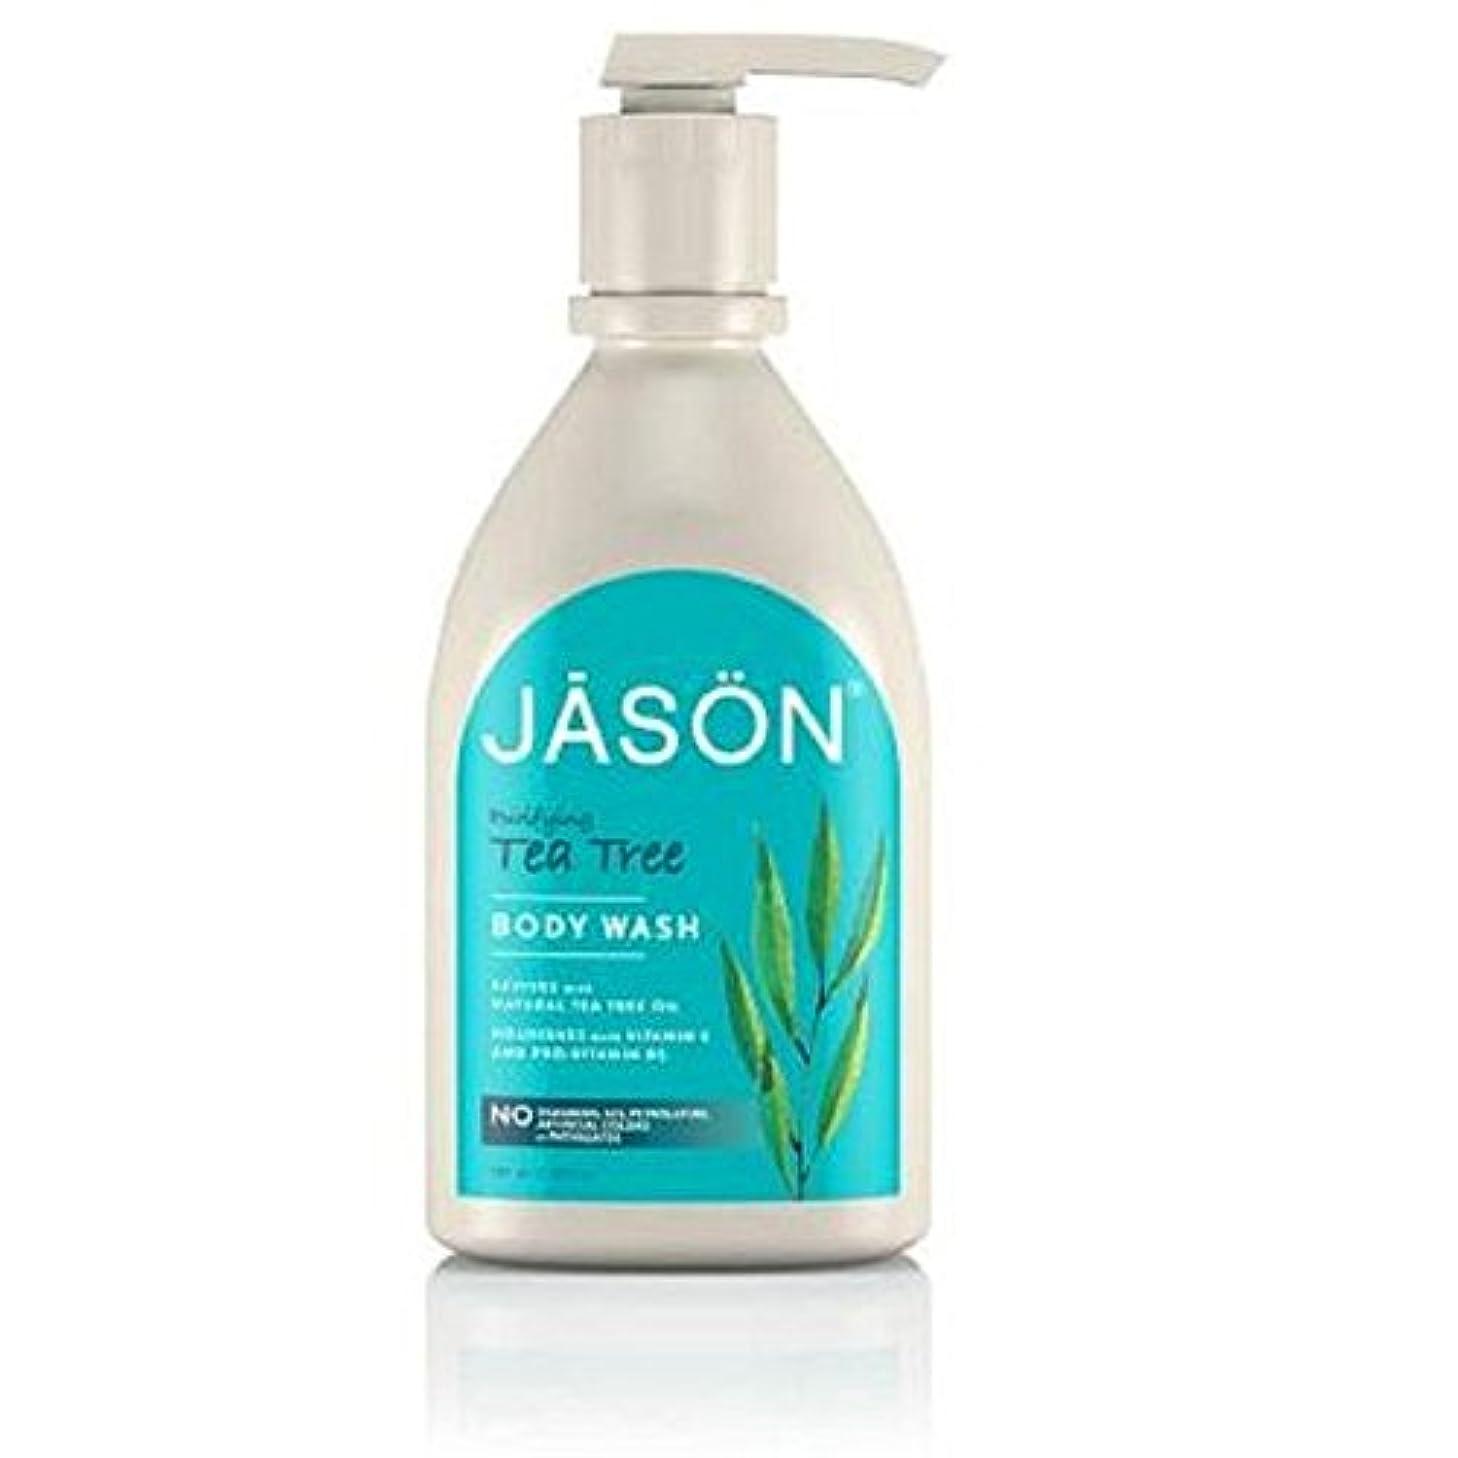 被害者シプリーバスルームJason Tea Tree Satin Body Wash Pump 900ml (Pack of 6) - ジェイソン?ティーツリーサテンボディウォッシュポンプ900ミリリットル x6 [並行輸入品]